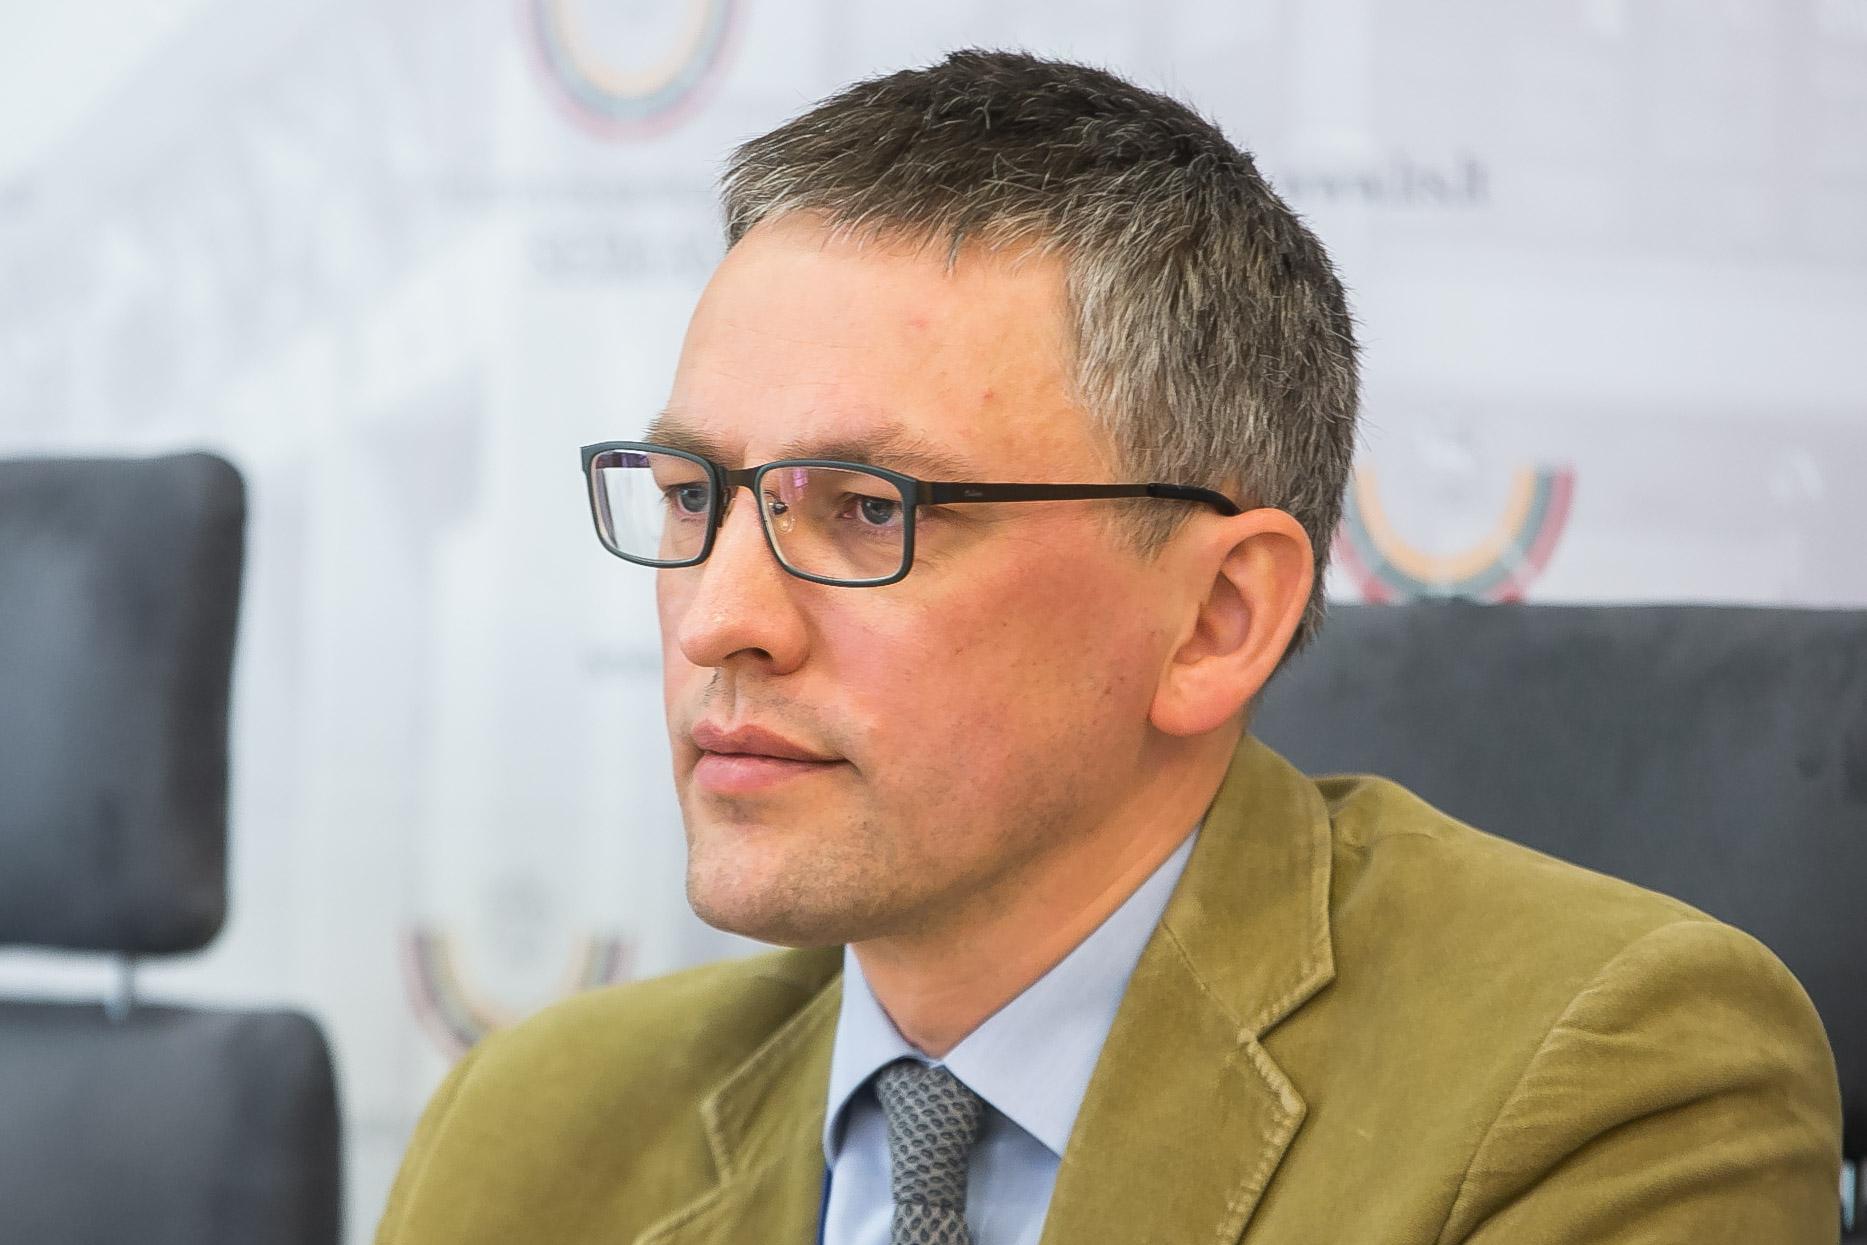 Seimo nariai, ministrai ir Dzūkijos regiono merai tarsis, kaip paskatinti krašto augimą